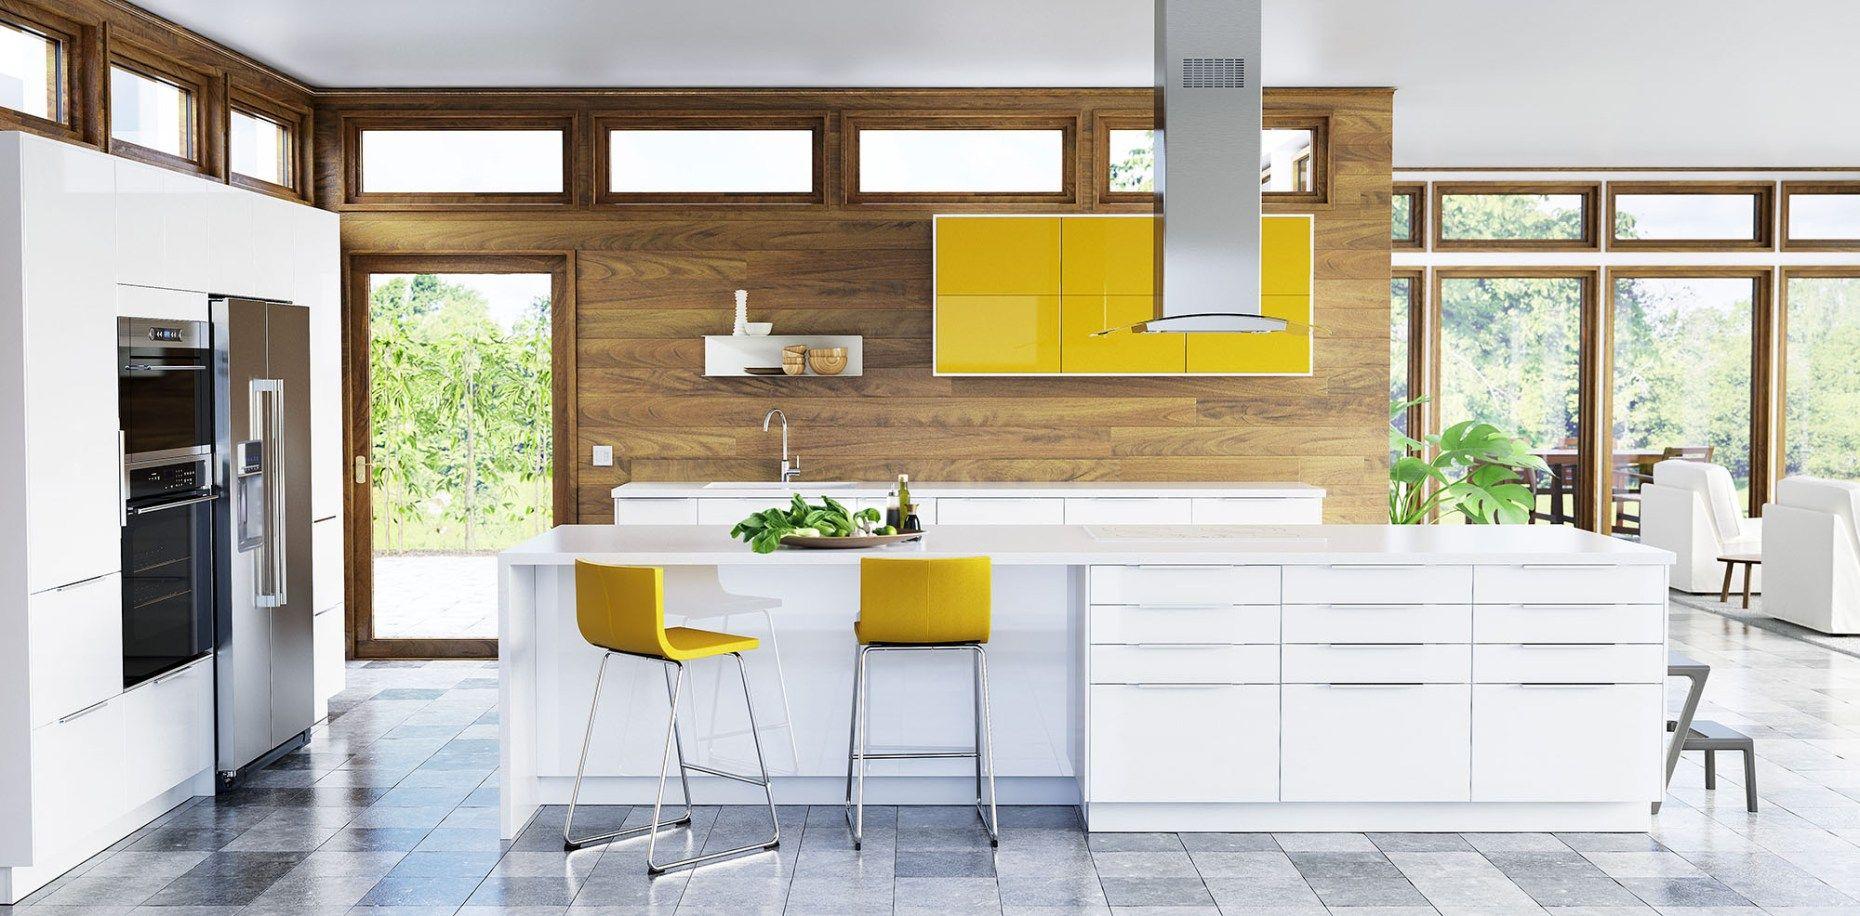 Full Size of Ringhult Ikea More Homeowners Are Choosing Kitchen Cabinets Sofa Mit Schlaffunktion Küche Kaufen Betten Bei Kosten Miniküche Modulküche 160x200 Wohnzimmer Ringhult Ikea